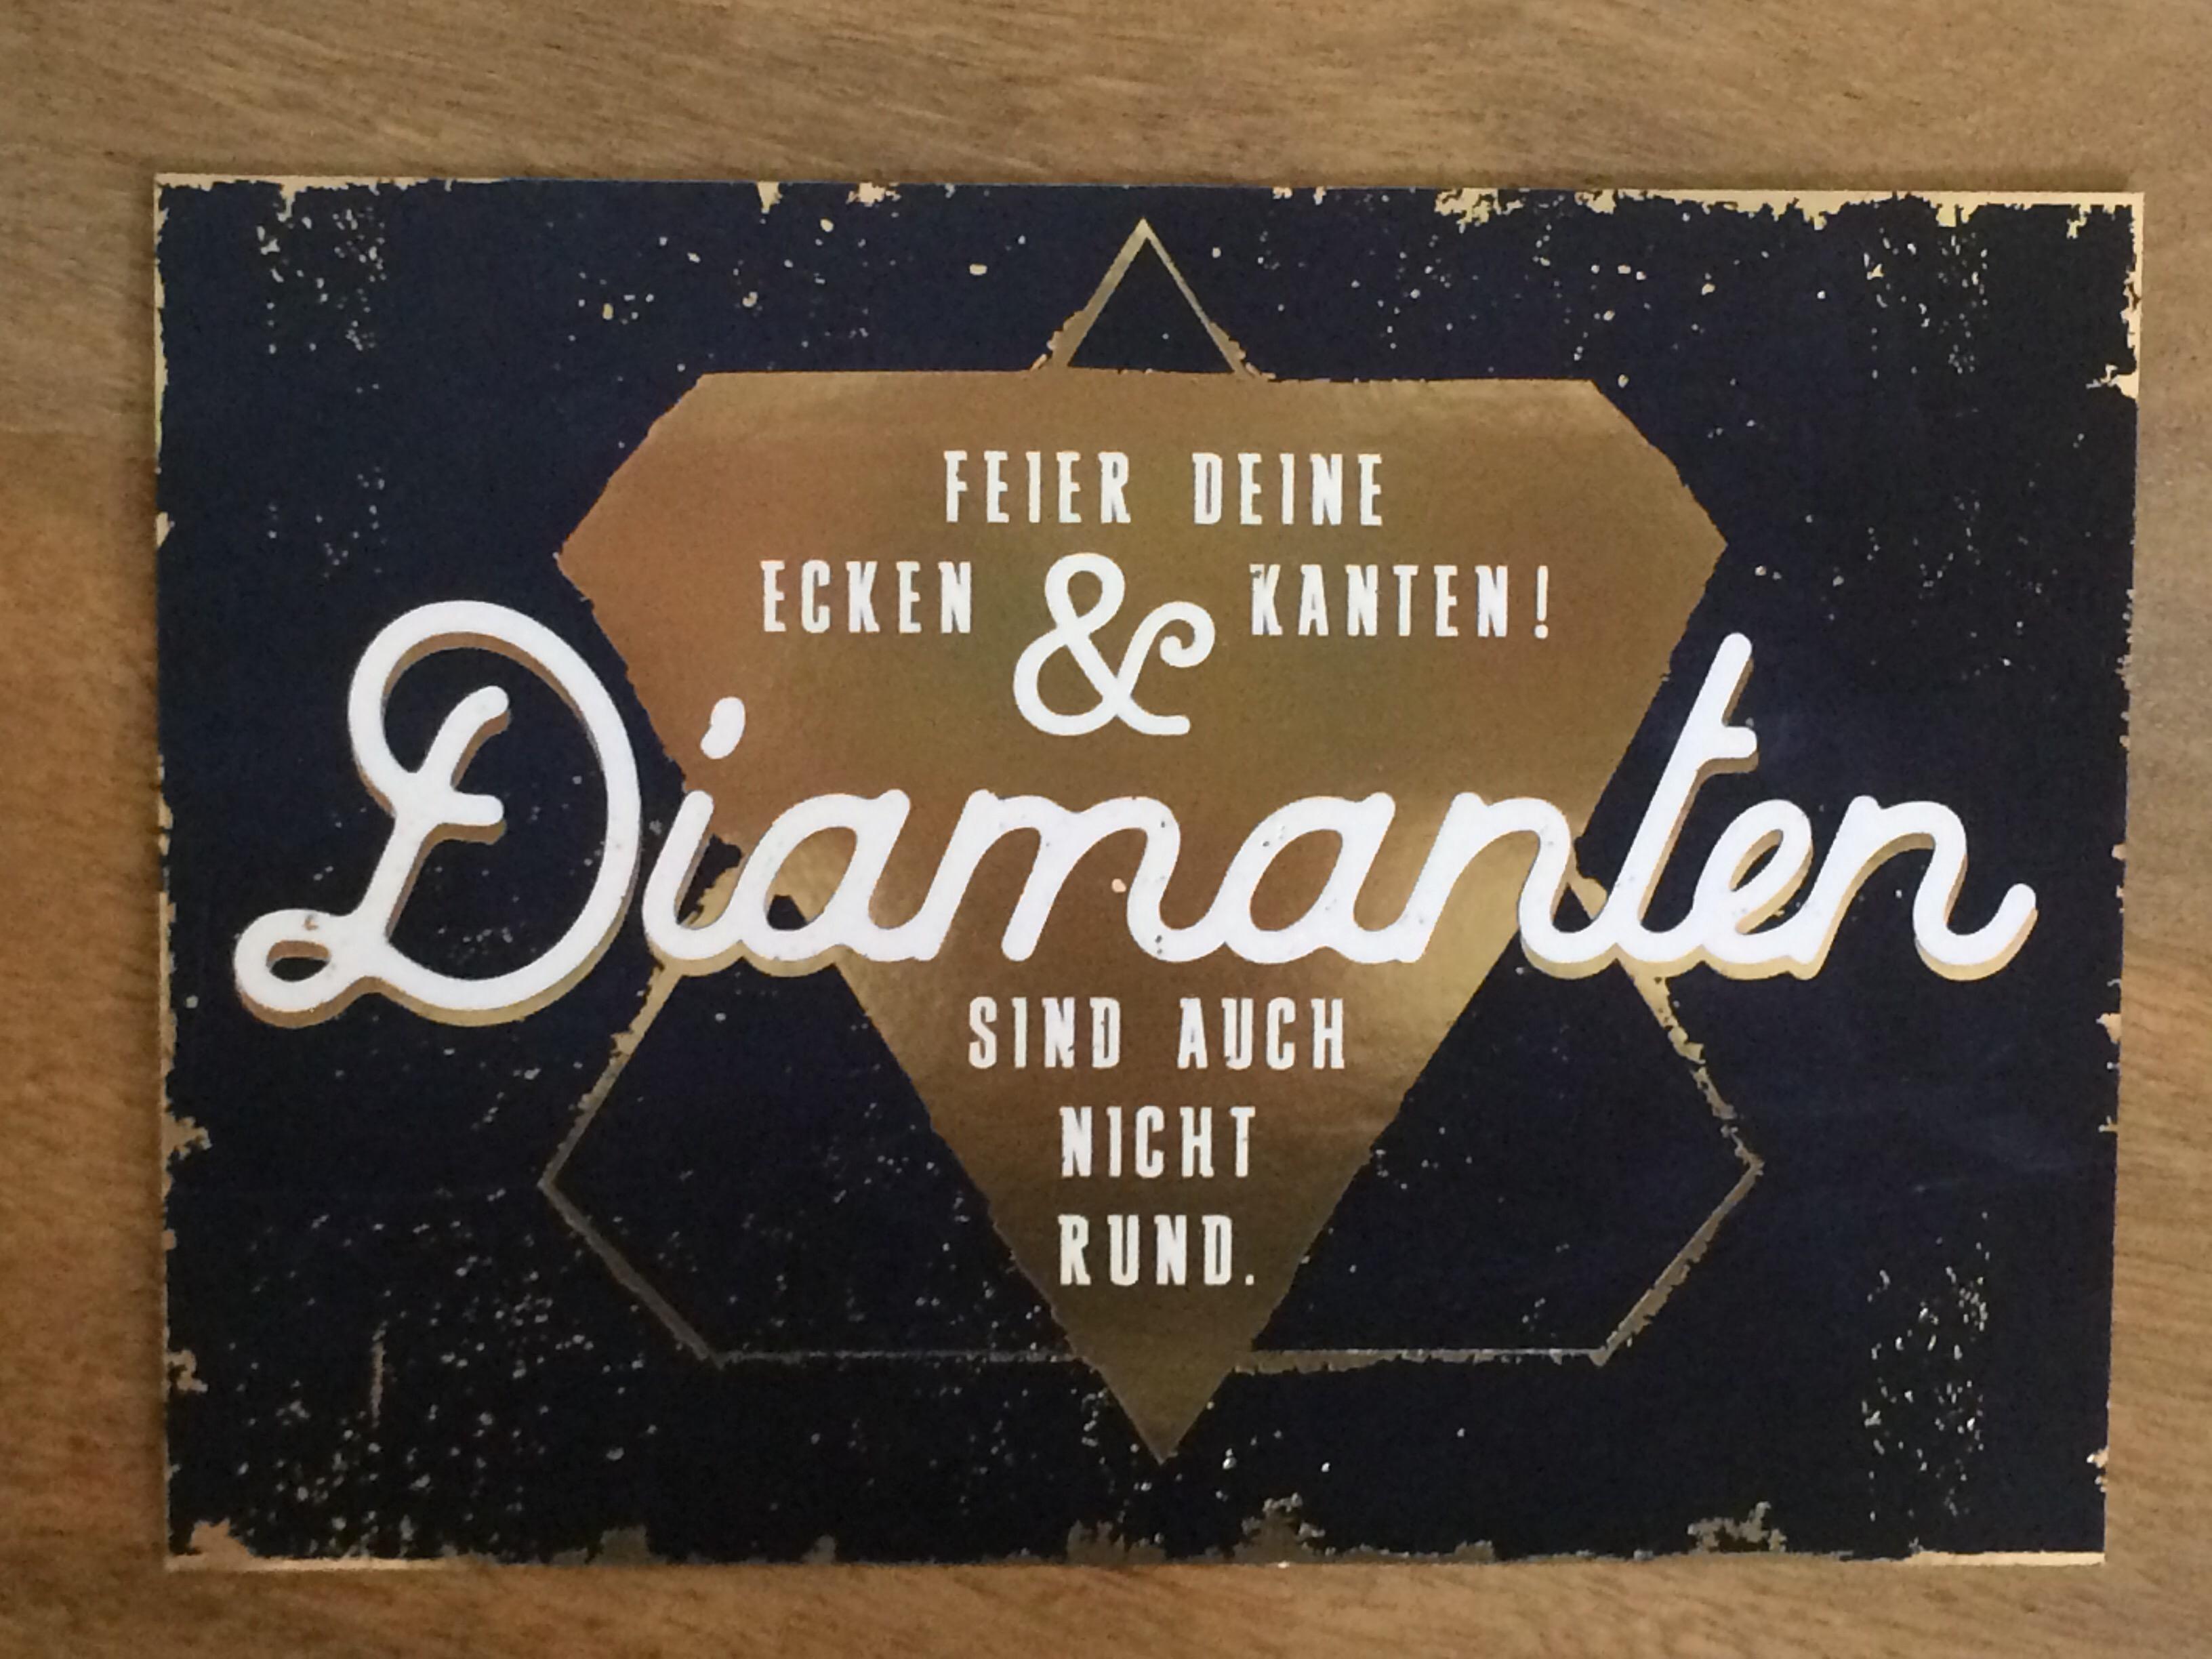 Postkarte Feier deine Ecken Kanten Diamanten sind auch nicht rund. Vintage Art